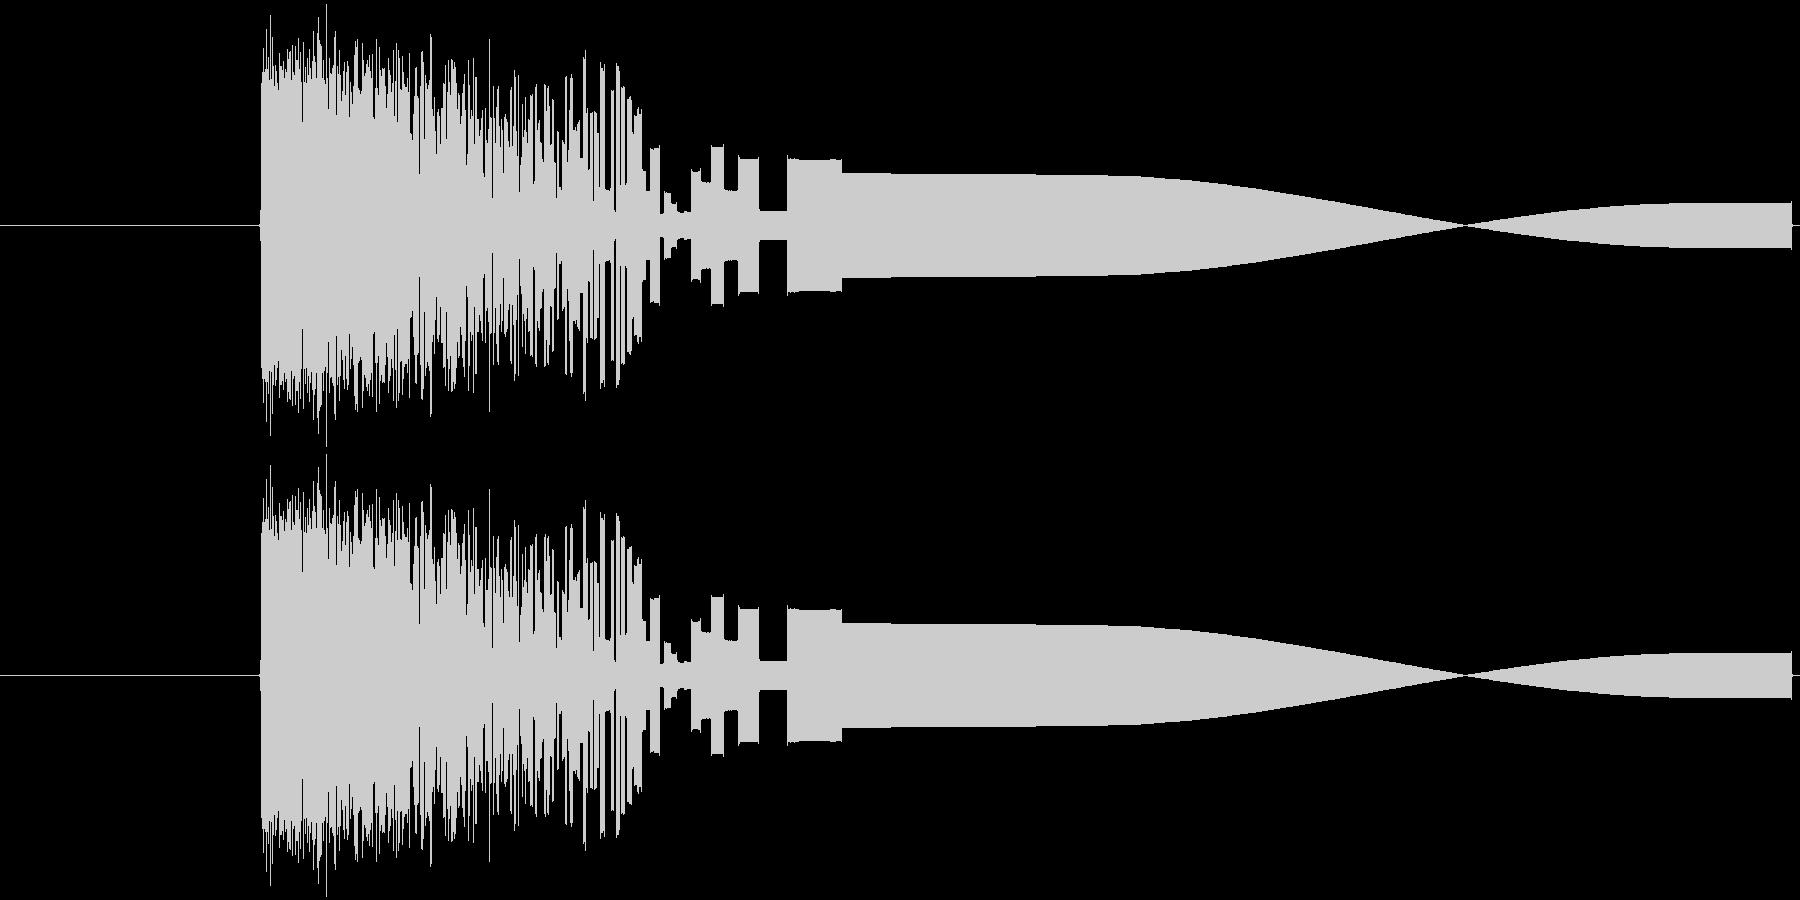 ファミコン風攻撃音ですの未再生の波形